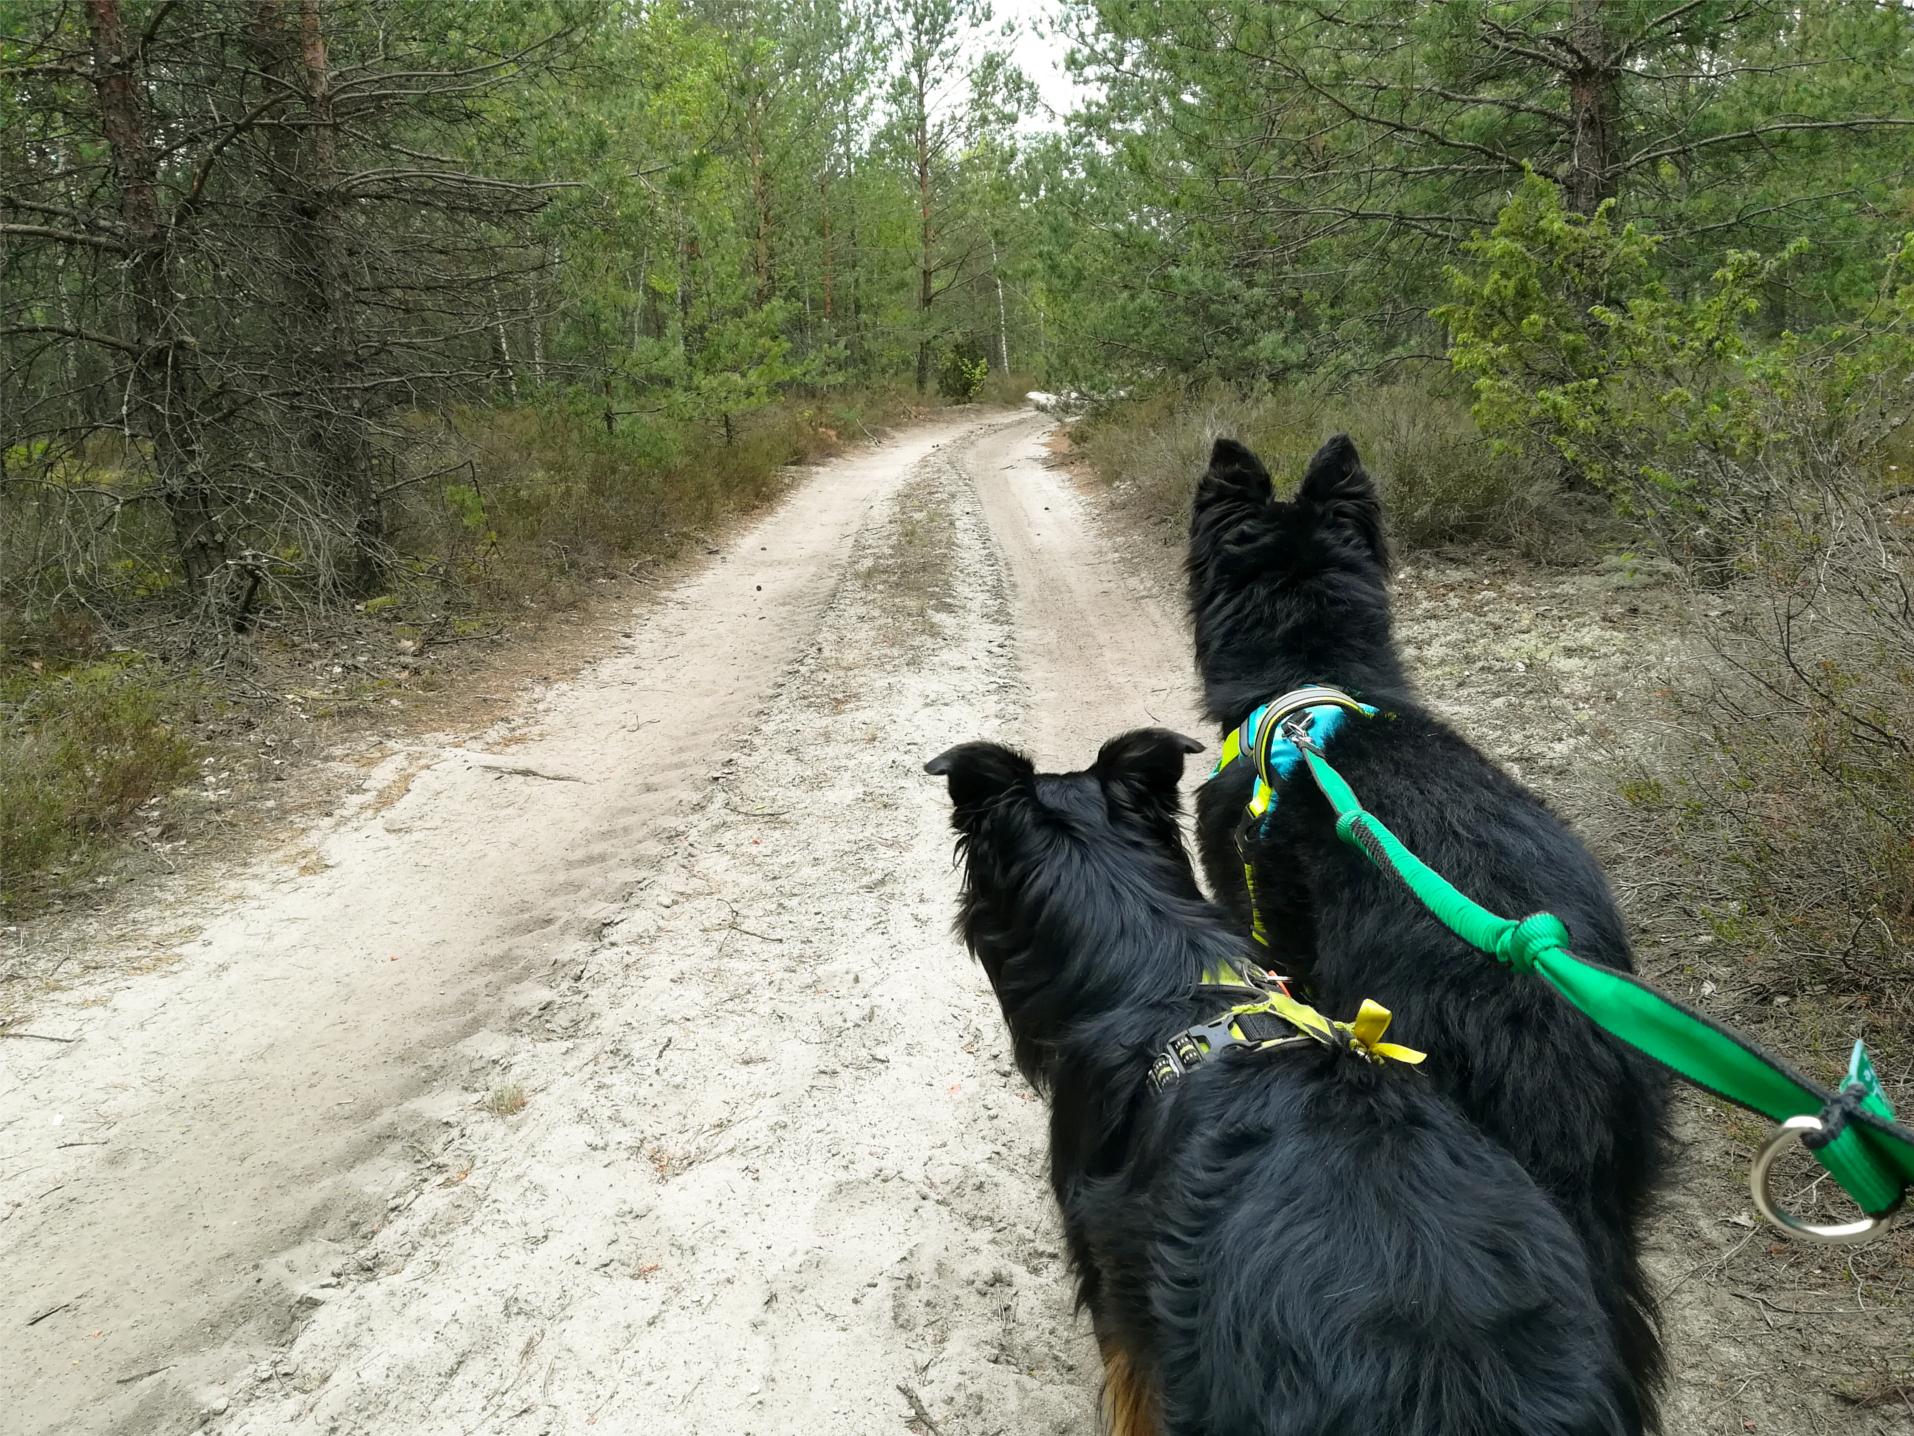 dogtrekking, samotny wilk, wędrówki z psem, relacja